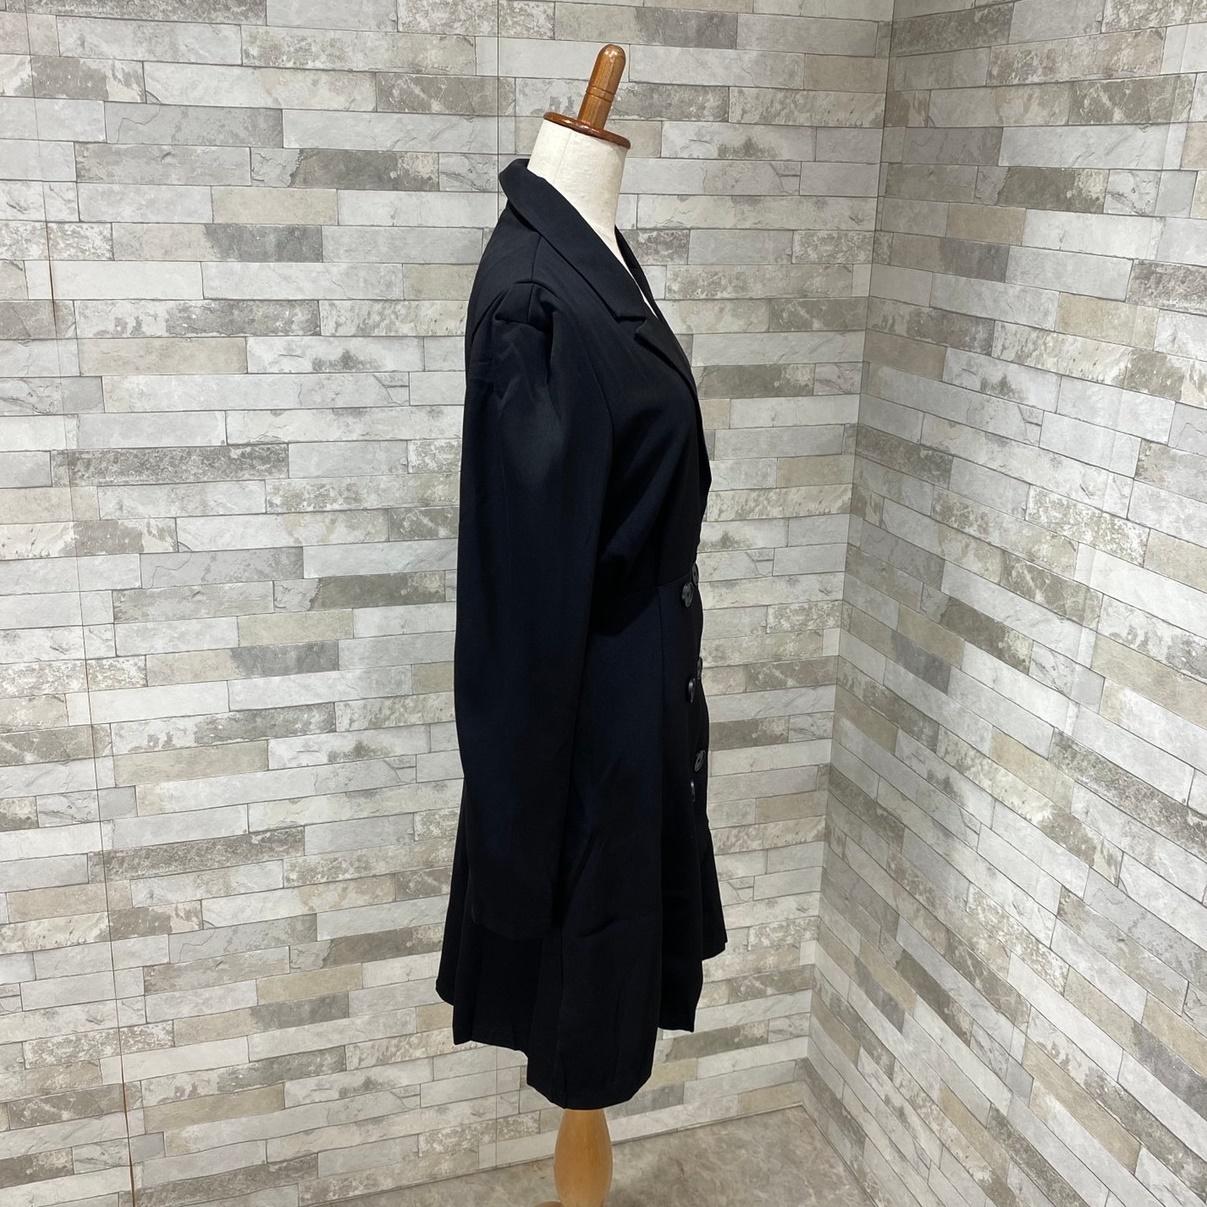 【即納】韓国 ファッション ワンピース 春 夏 秋 カジュアル SPTXE548  ミディ丈 コート エレガント パーティー オフィス フォーマル オルチャン シンプル 定番 セレカジの写真5枚目